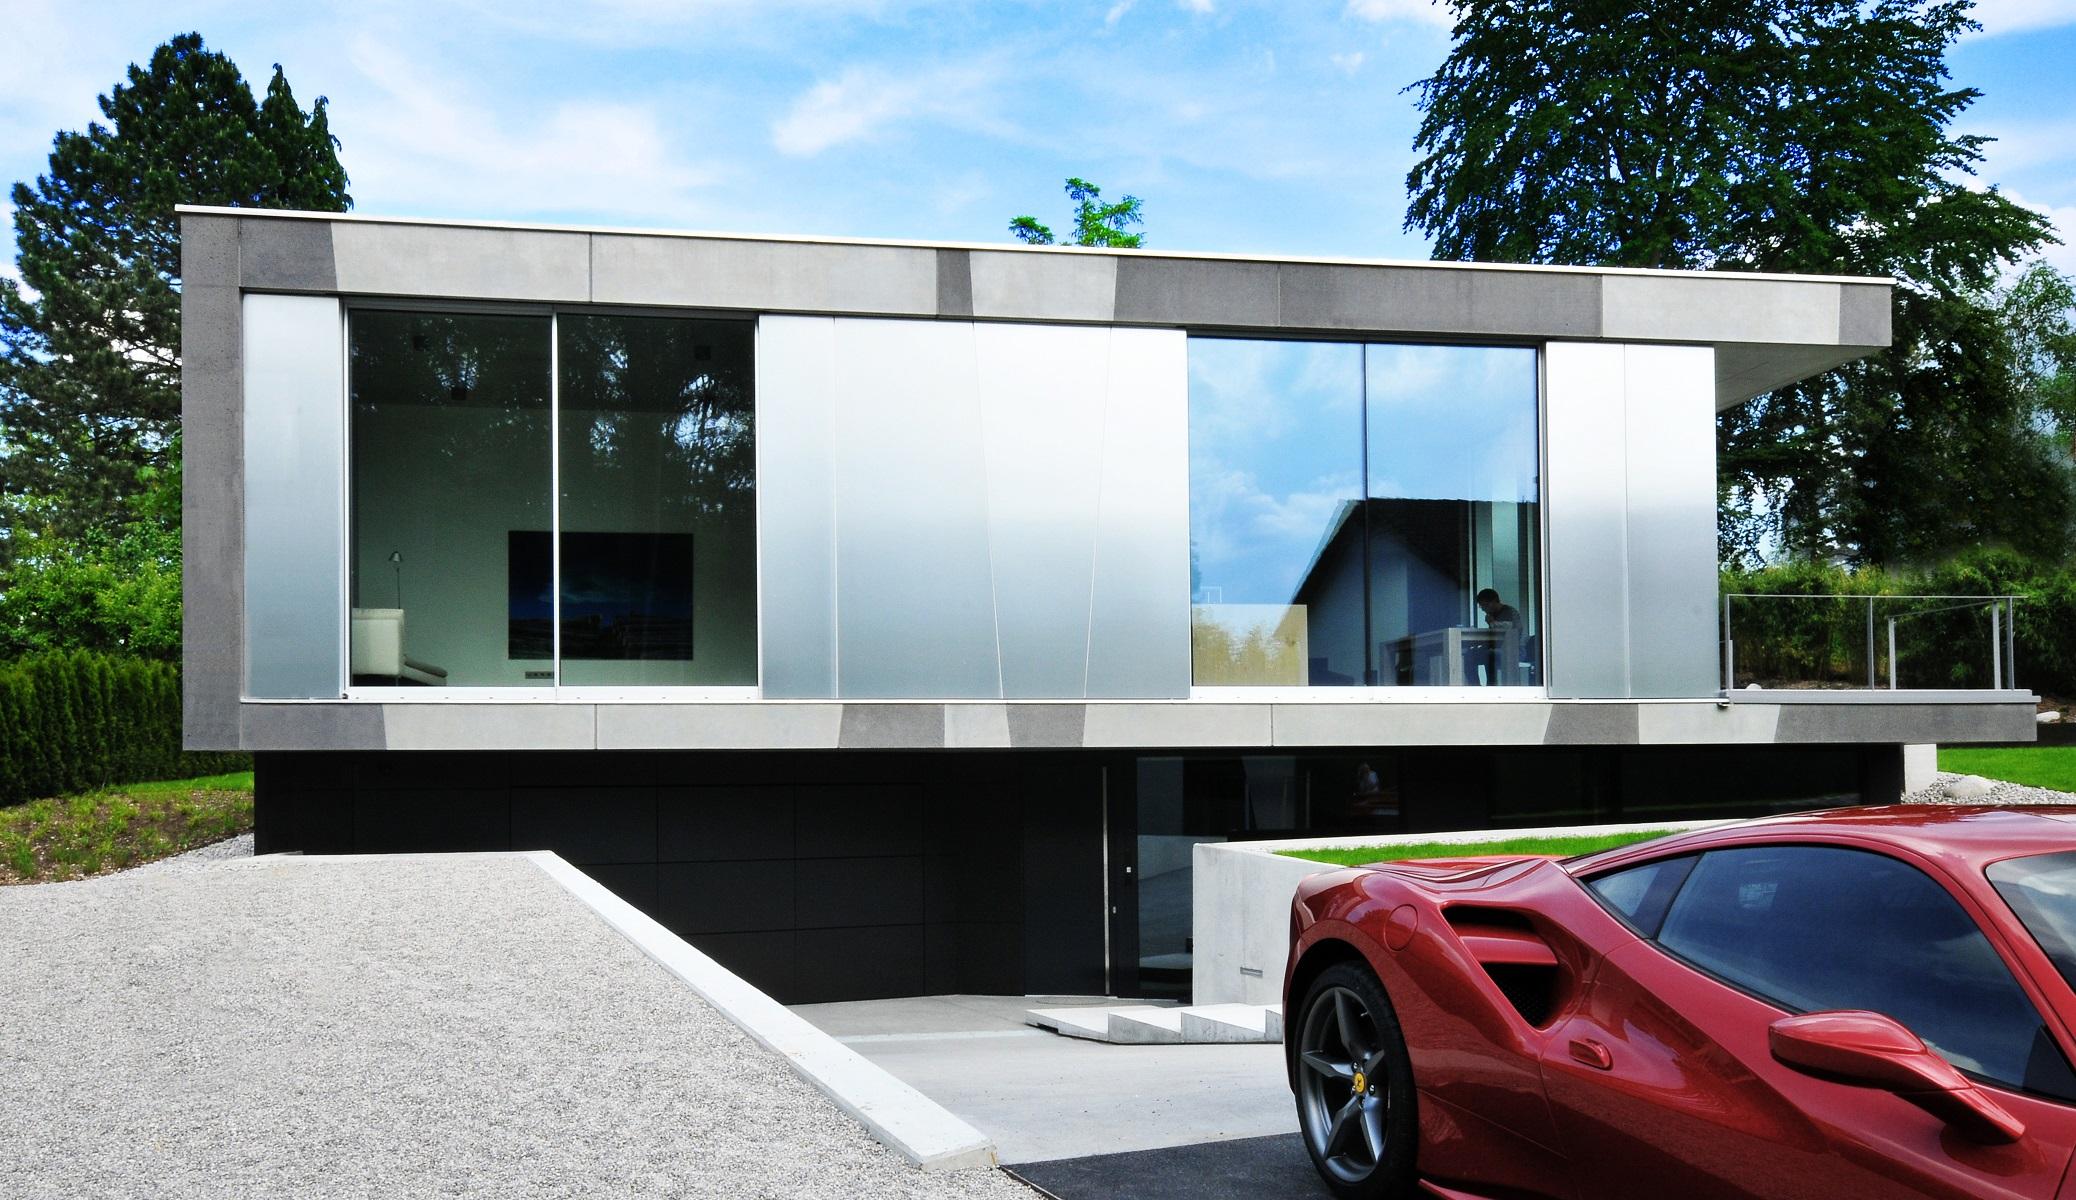 sichtbetonhaus in berg muenchenarchitektur. Black Bedroom Furniture Sets. Home Design Ideas